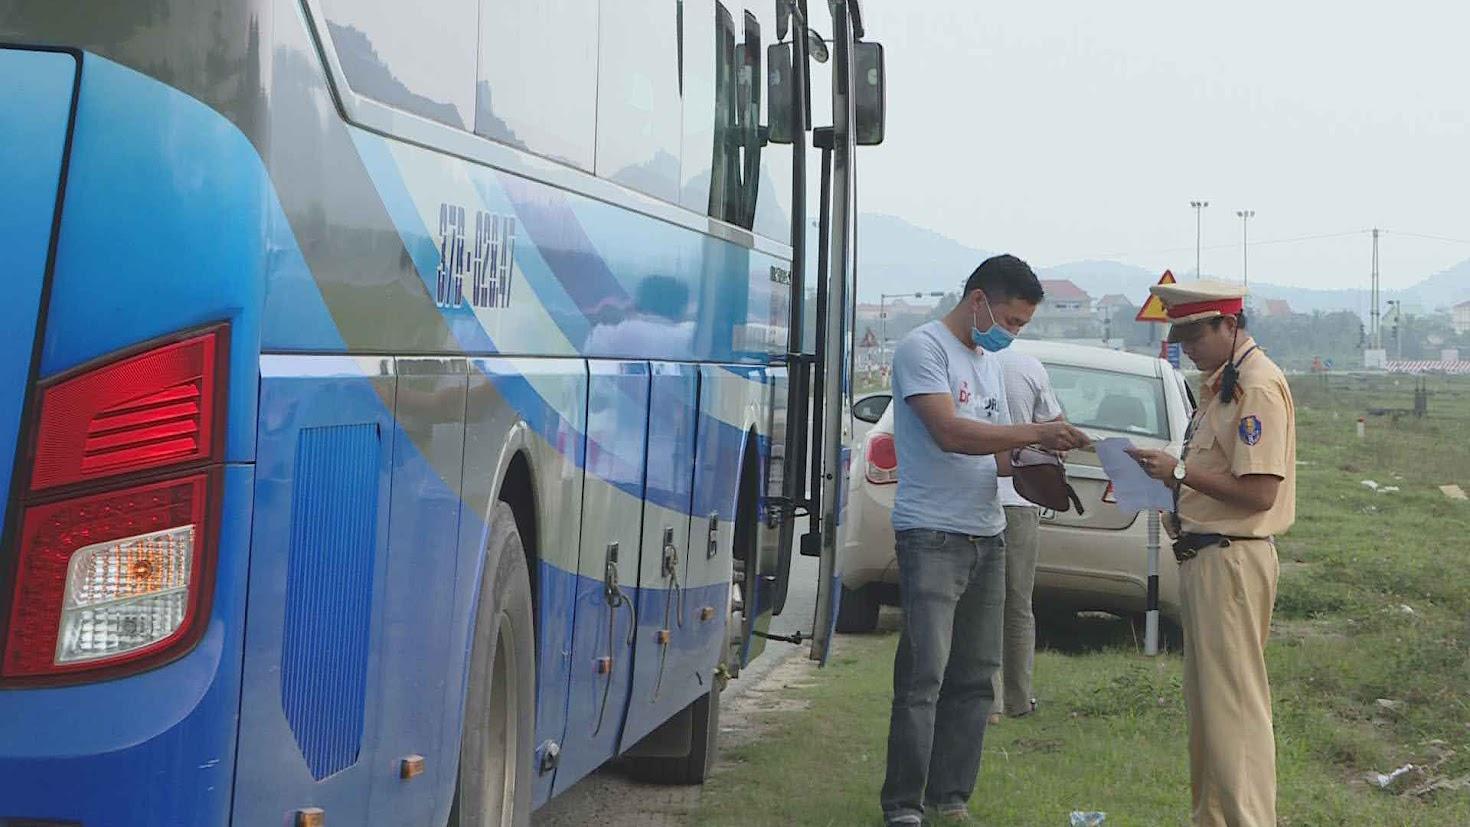 Đội CSGT số 1  (Phòng CSGT  - Công an Nghệ An) kiểm tra hành chính người điều khiển phương tiện.